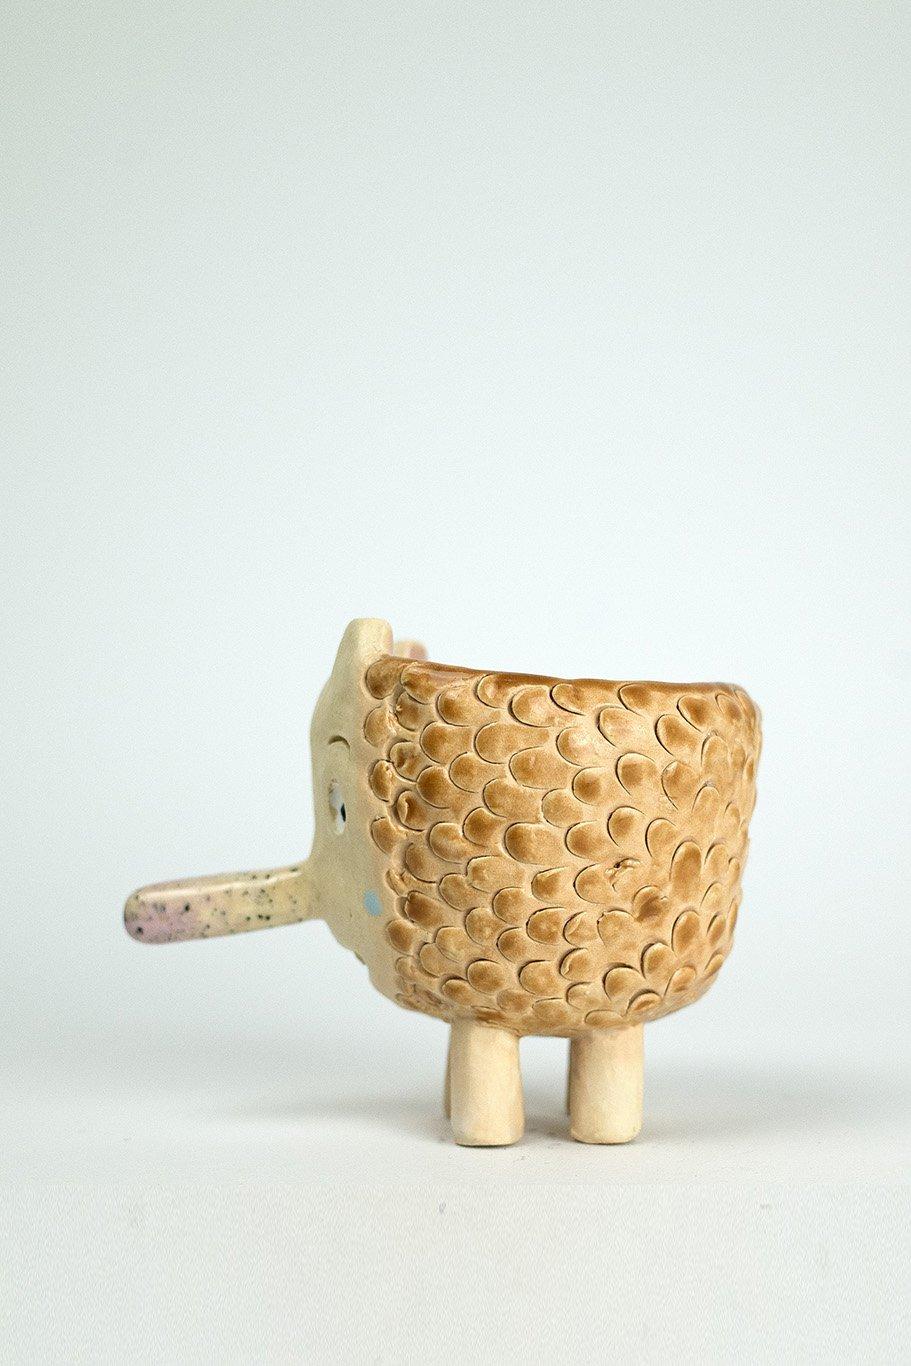 Image of Jar Creature No. 10